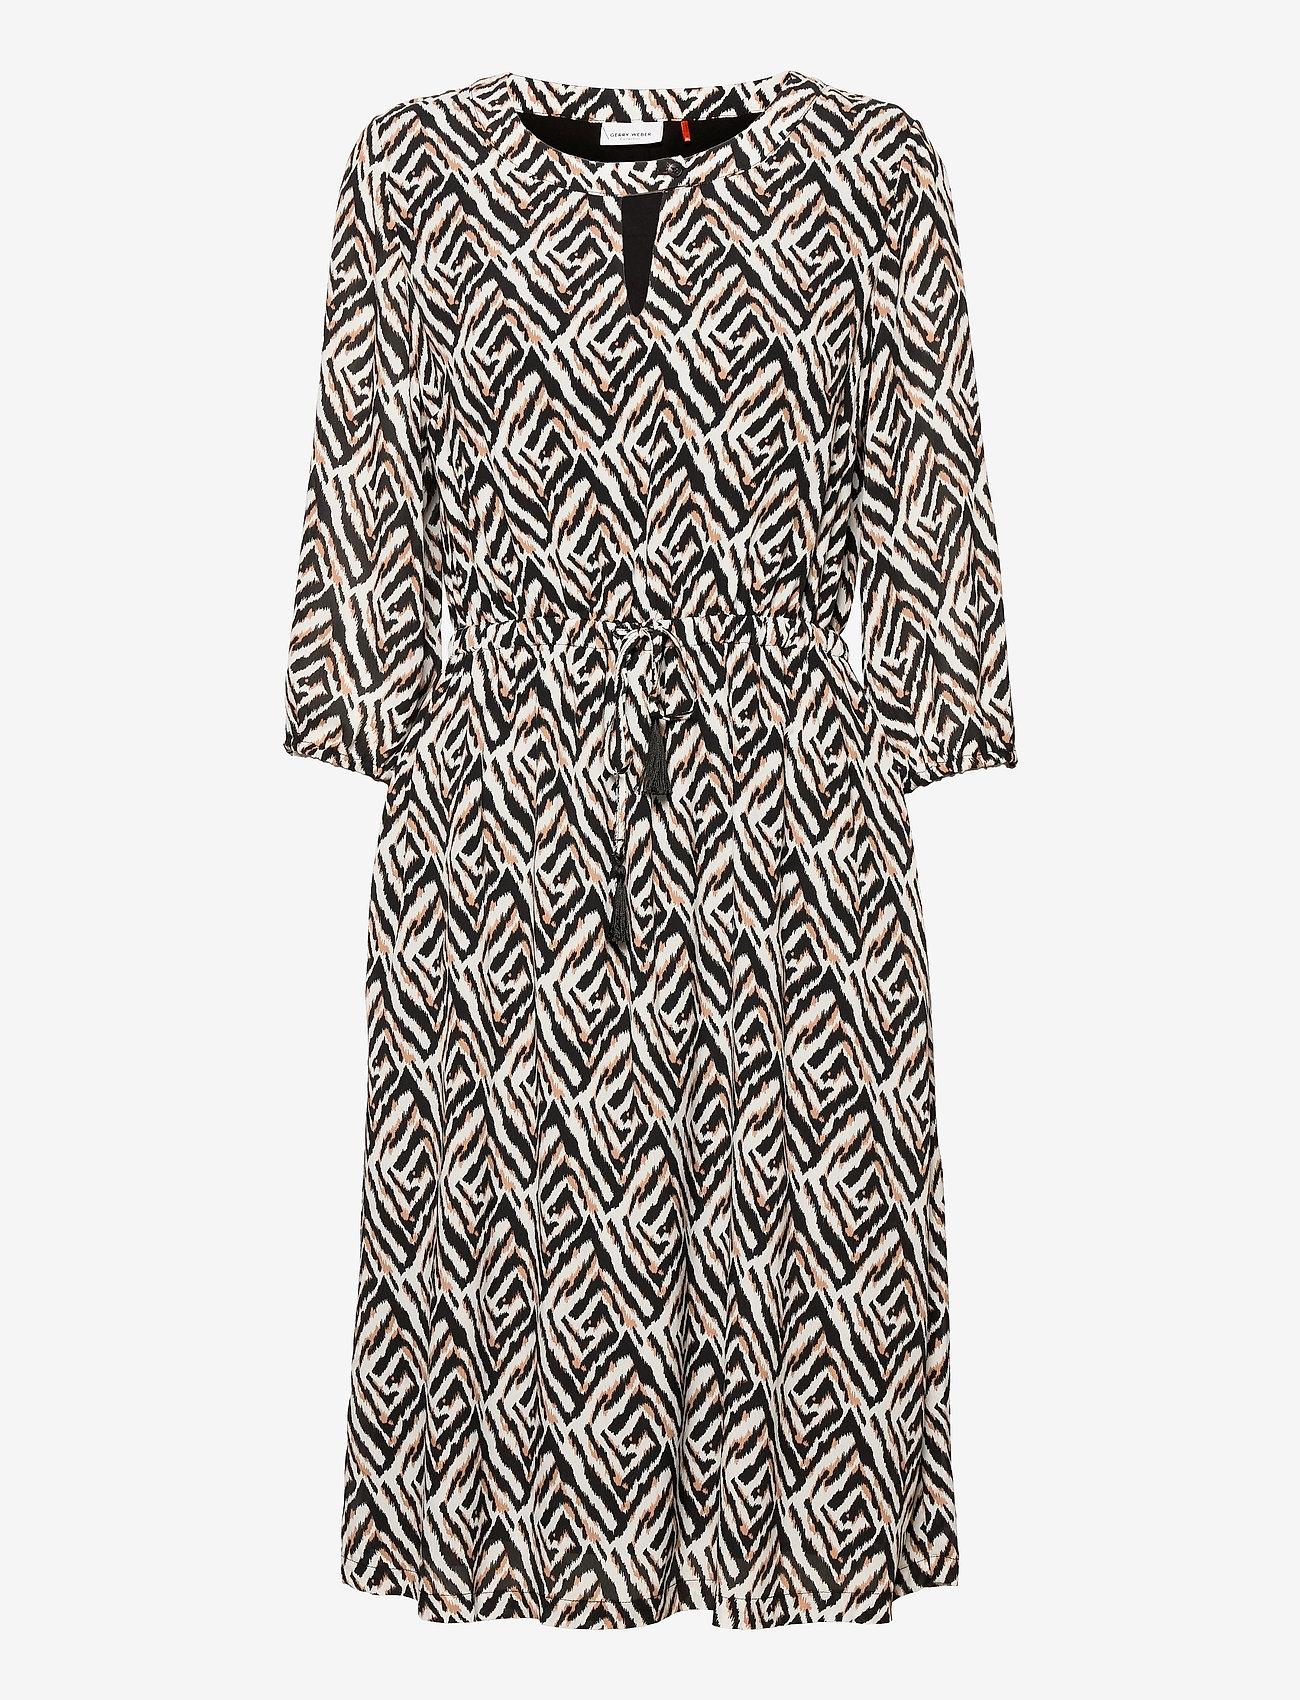 Gerry Weber - DRESS WOVEN FABRIC - robes d'été - ecru black sahara print - 0